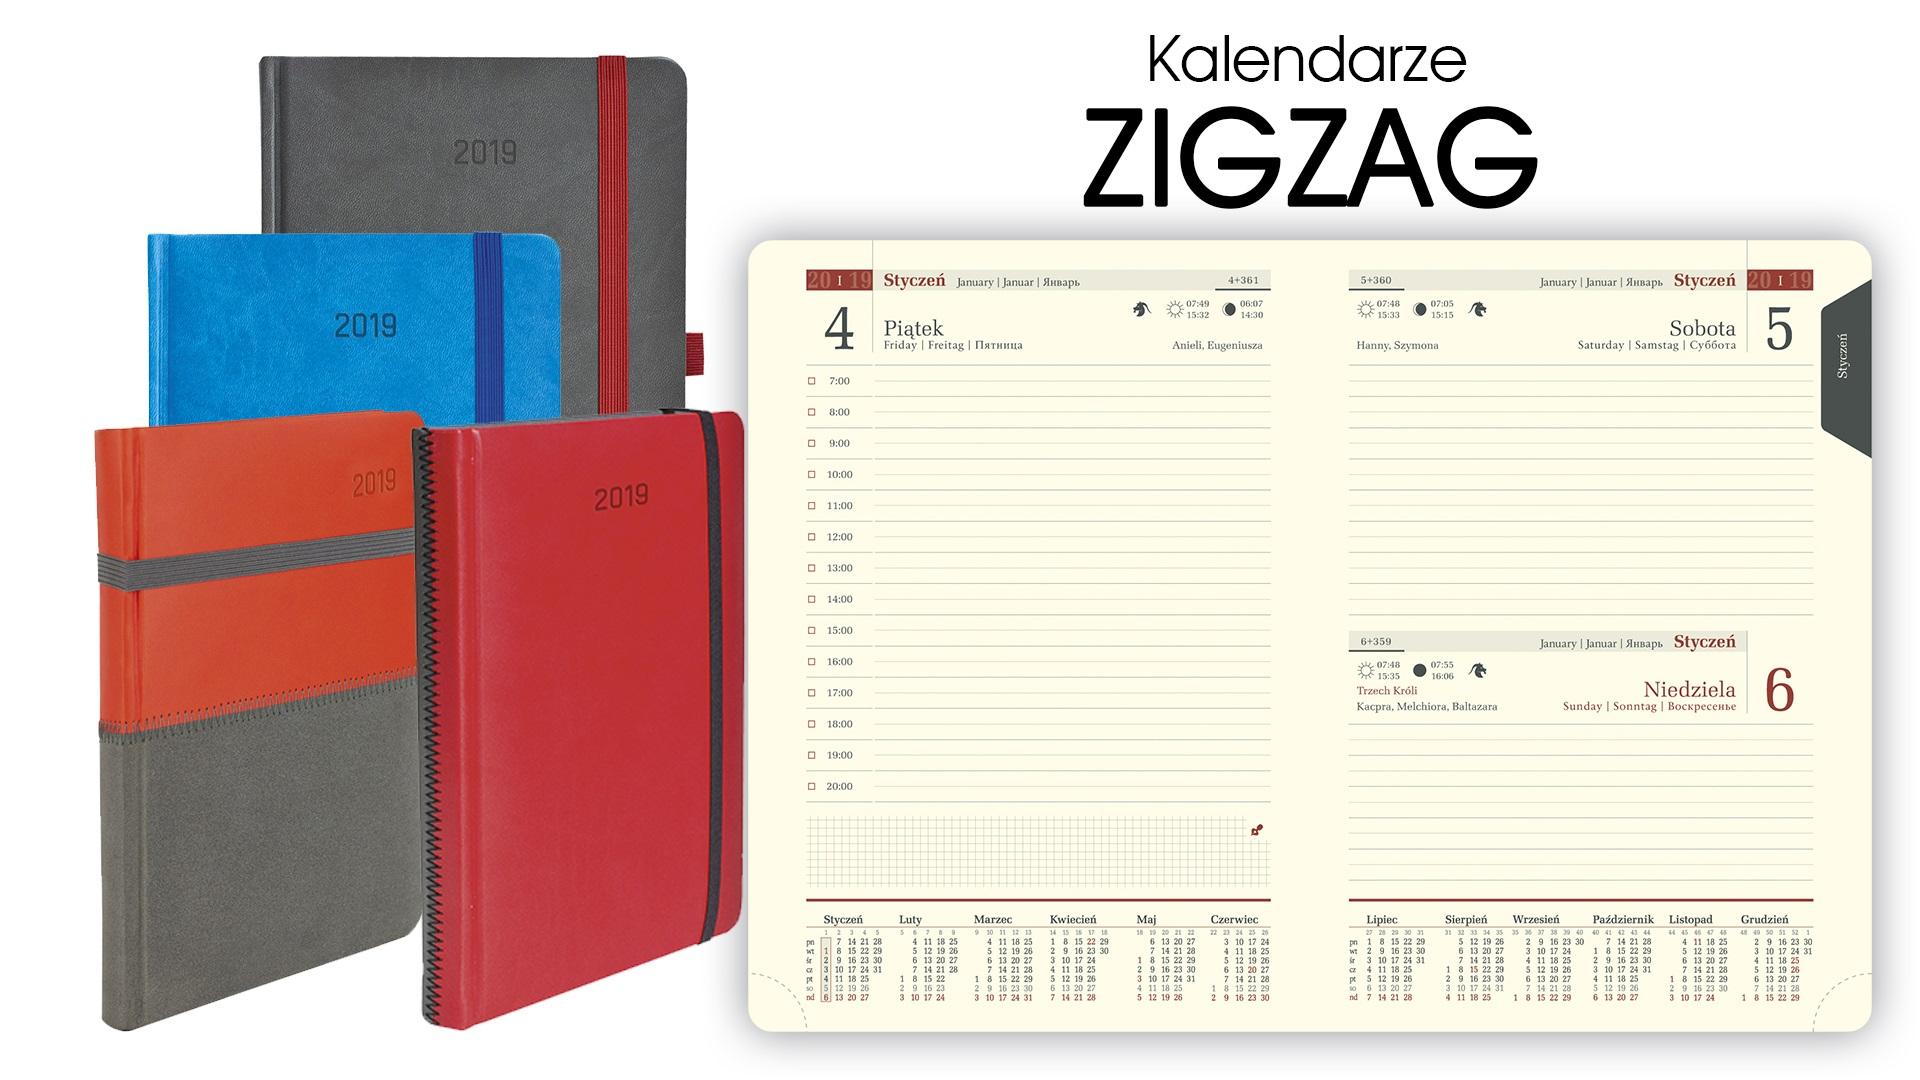 Genialny Kalendarze książkowe ZIGZAG A5 dzienne 2019 | CENTRUM KALENDARZY WL75